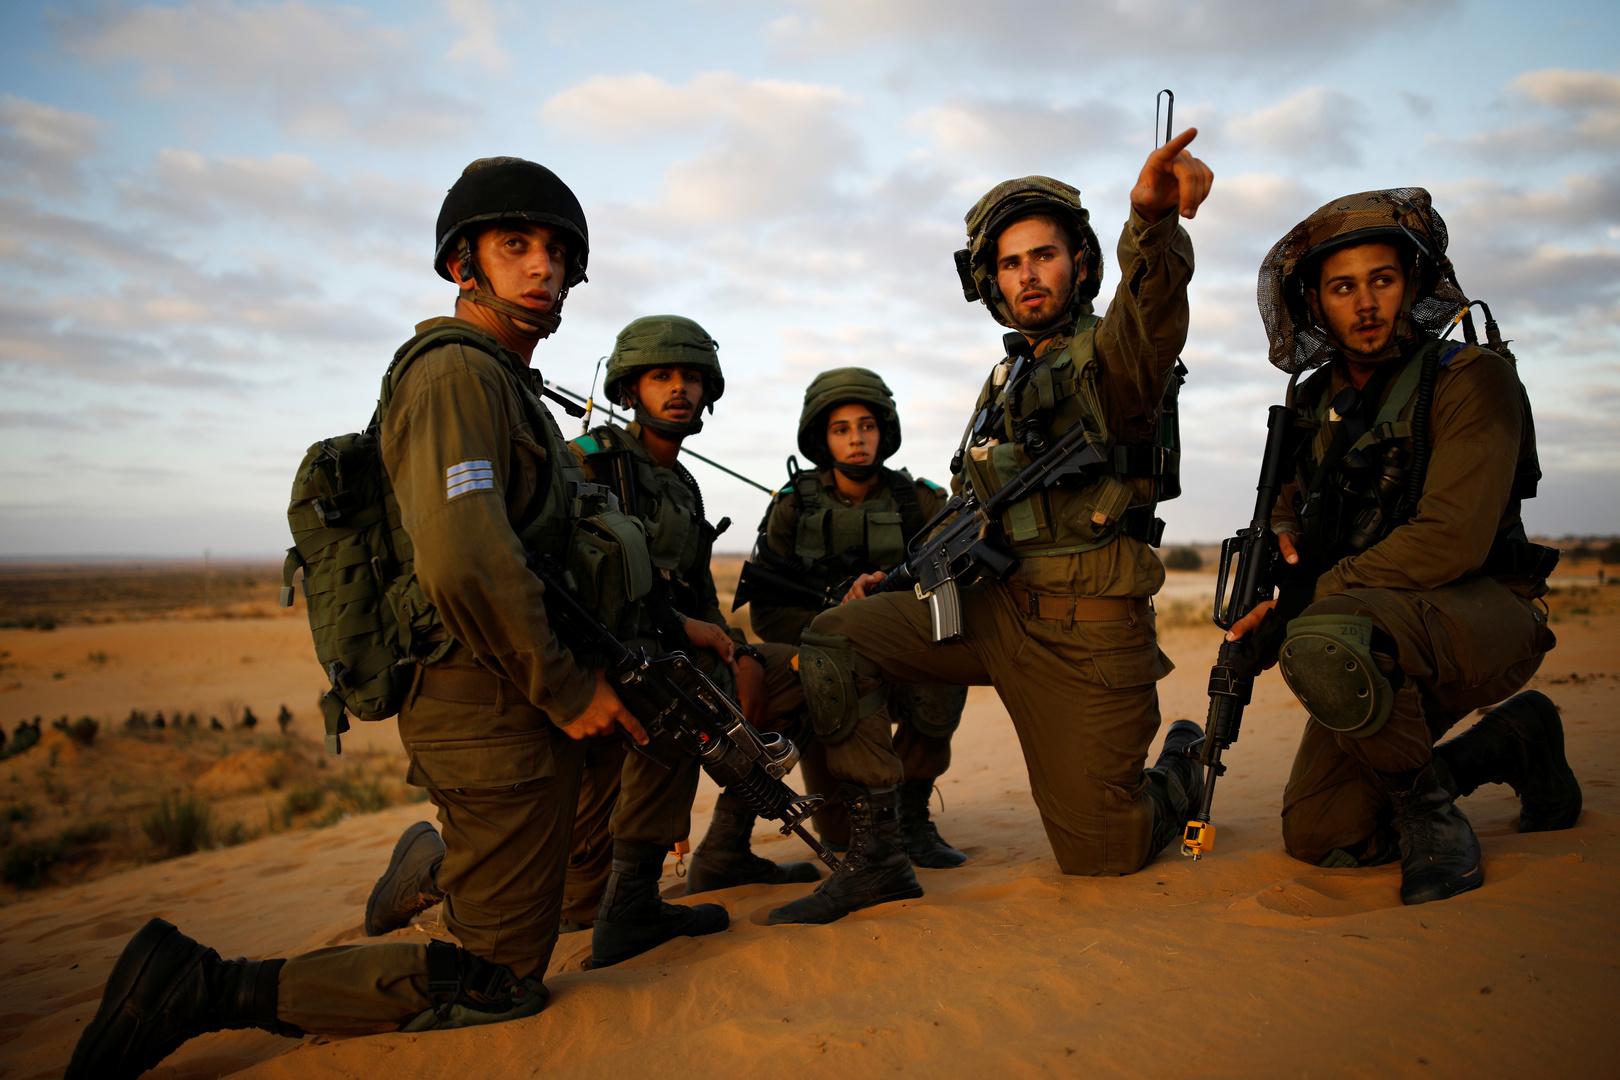 وسائل إعلام: الجيش الإسرائيلي يستنفر قواته في البحر الأحمر